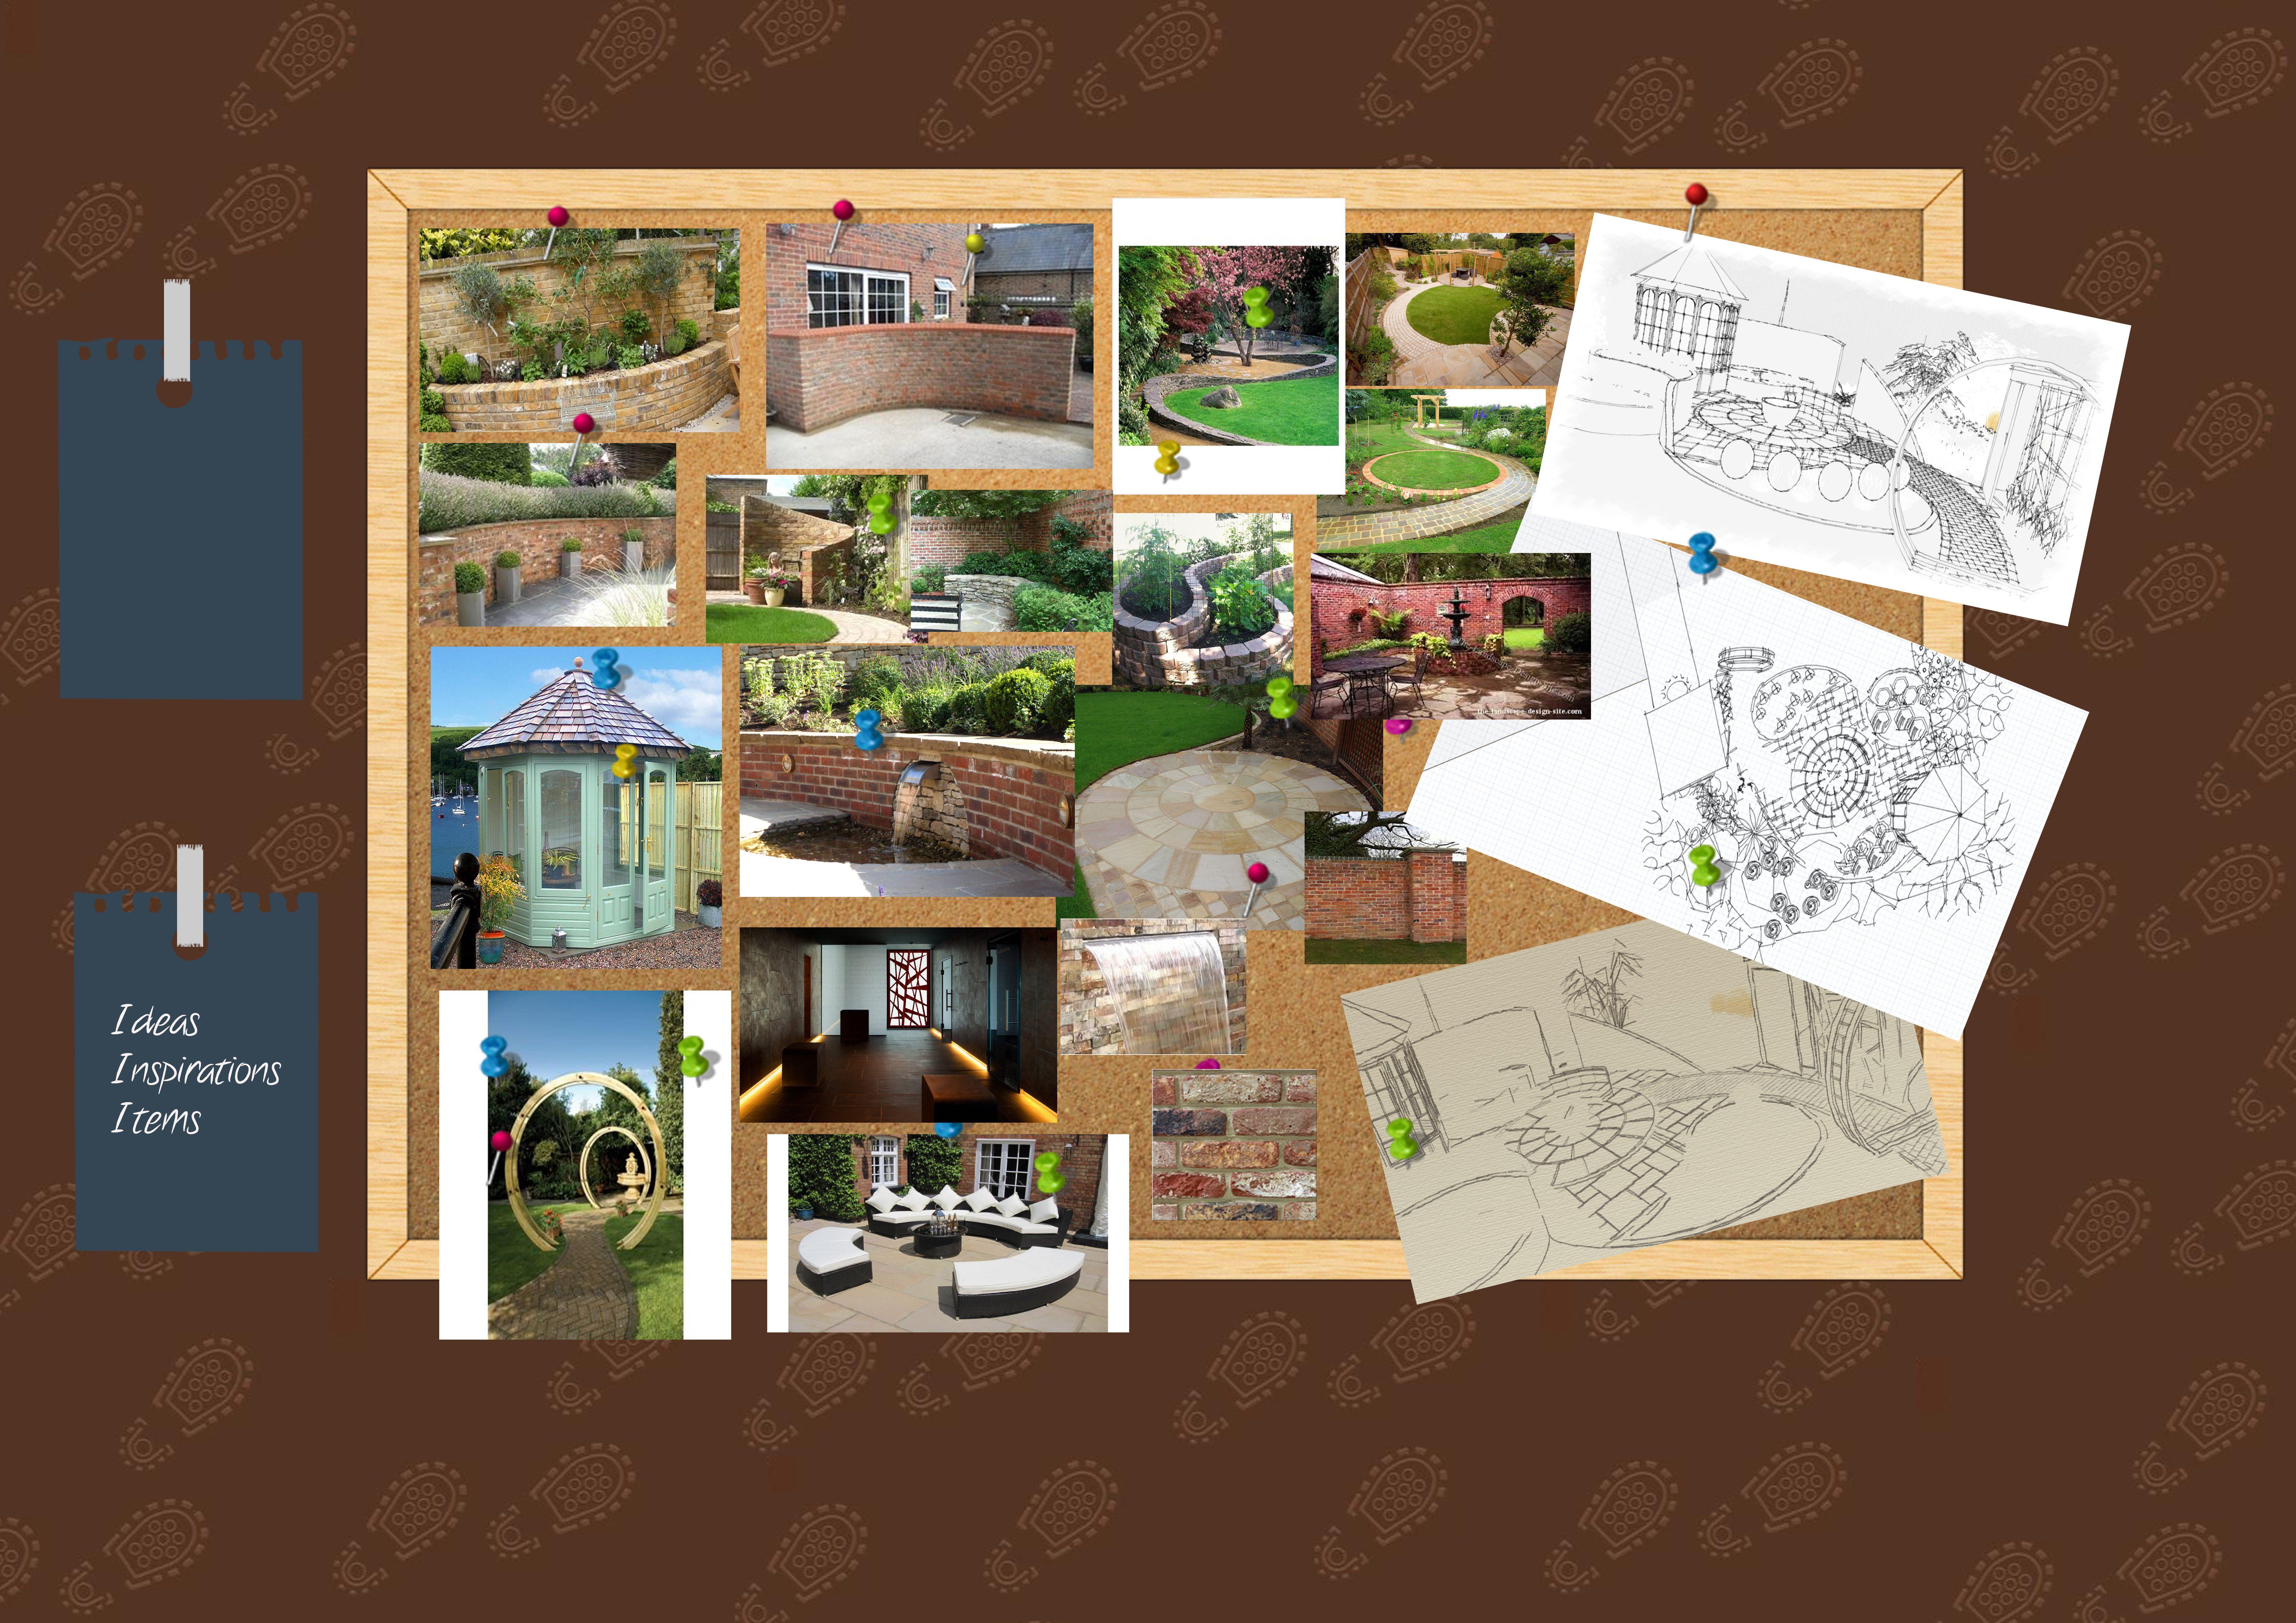 Garden Design Ideas Board Ed Earth Designs Garden Design And Build